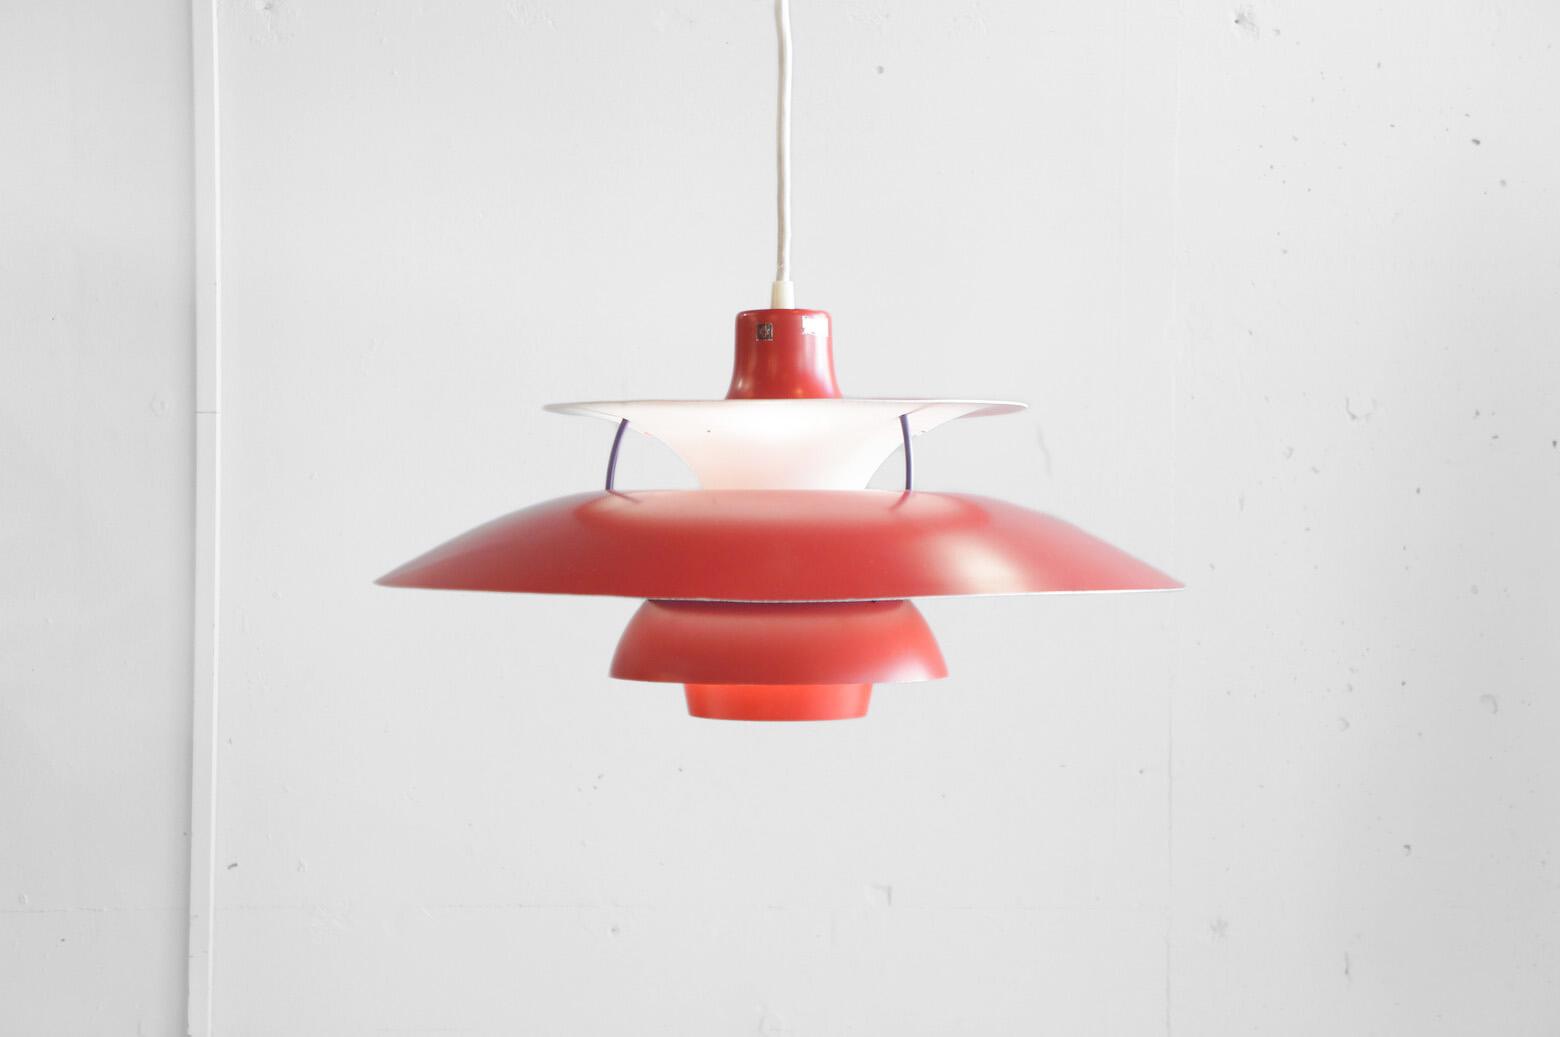 北欧照明の定番、1958年発売以来 世界中で愛されている照明、『PH5』 そんなPH5の中でも希少な70年代の赤色のシェードです。 マッドな赤は現行ではないカラーで、上質なレッドは空間のアクセントに、 光は北欧の夕焼けのような灯りへ変換してくれます。 数々の名作照明を生み出したポール・ヘミングセンの中でも 世界的に有名なシリーズの一つ【 PH4/3 】 同シリーズの『PH5』が上方向にも光を放つのに対し、 PH4/3は下方向だけに光を集中して光を放つコンパクトなペンダントライトです。 電球は100wまで取り付けが可能で強く眩しい光を数学的な設計のシェードで、 優しく暖かみのある光へ変換します。 消灯時もお部屋のアクセントとして空間を彩り、 様々なインテリアに対応可能なデザインです。LouisPoulsen,ルイスポールセン PH4 / 3 , 照明,デンマーク北欧,ヴィンテージ,北欧デザイン,北欧 ライト,フロア,ランプランプ,denmark,scandinavian,照明,scandinavian vintage,vintage,北欧,北欧雑貨,中古,東京都,杉並区,阿佐ヶ谷,北,アンティーク,ショップ,古一,ZACK,高円寺,店,古,一,出張,無料,買取,杉並区,周辺,世田谷区,目黒区,武蔵野市,新宿区,東京近郊,お見積もり,ビンテージ家具,インテリア雑貨,ランプ,USED品, リサイクル,ふるいち,フルイチ,古一,used,furuichi~【東京都杉並区阿佐ヶ谷北アンティークショップ 古一/ZACK高円寺店】 古一/ふるいちでは出張無料買取も行っております。杉並区周辺はもちろん、世田谷区・目黒区・武蔵野市・新宿区等の東京近郊のお見積もりも!ビンテージ家具・インテリア雑貨・ランプ・USED品・ リサイクルなら古一/フルイチへ~